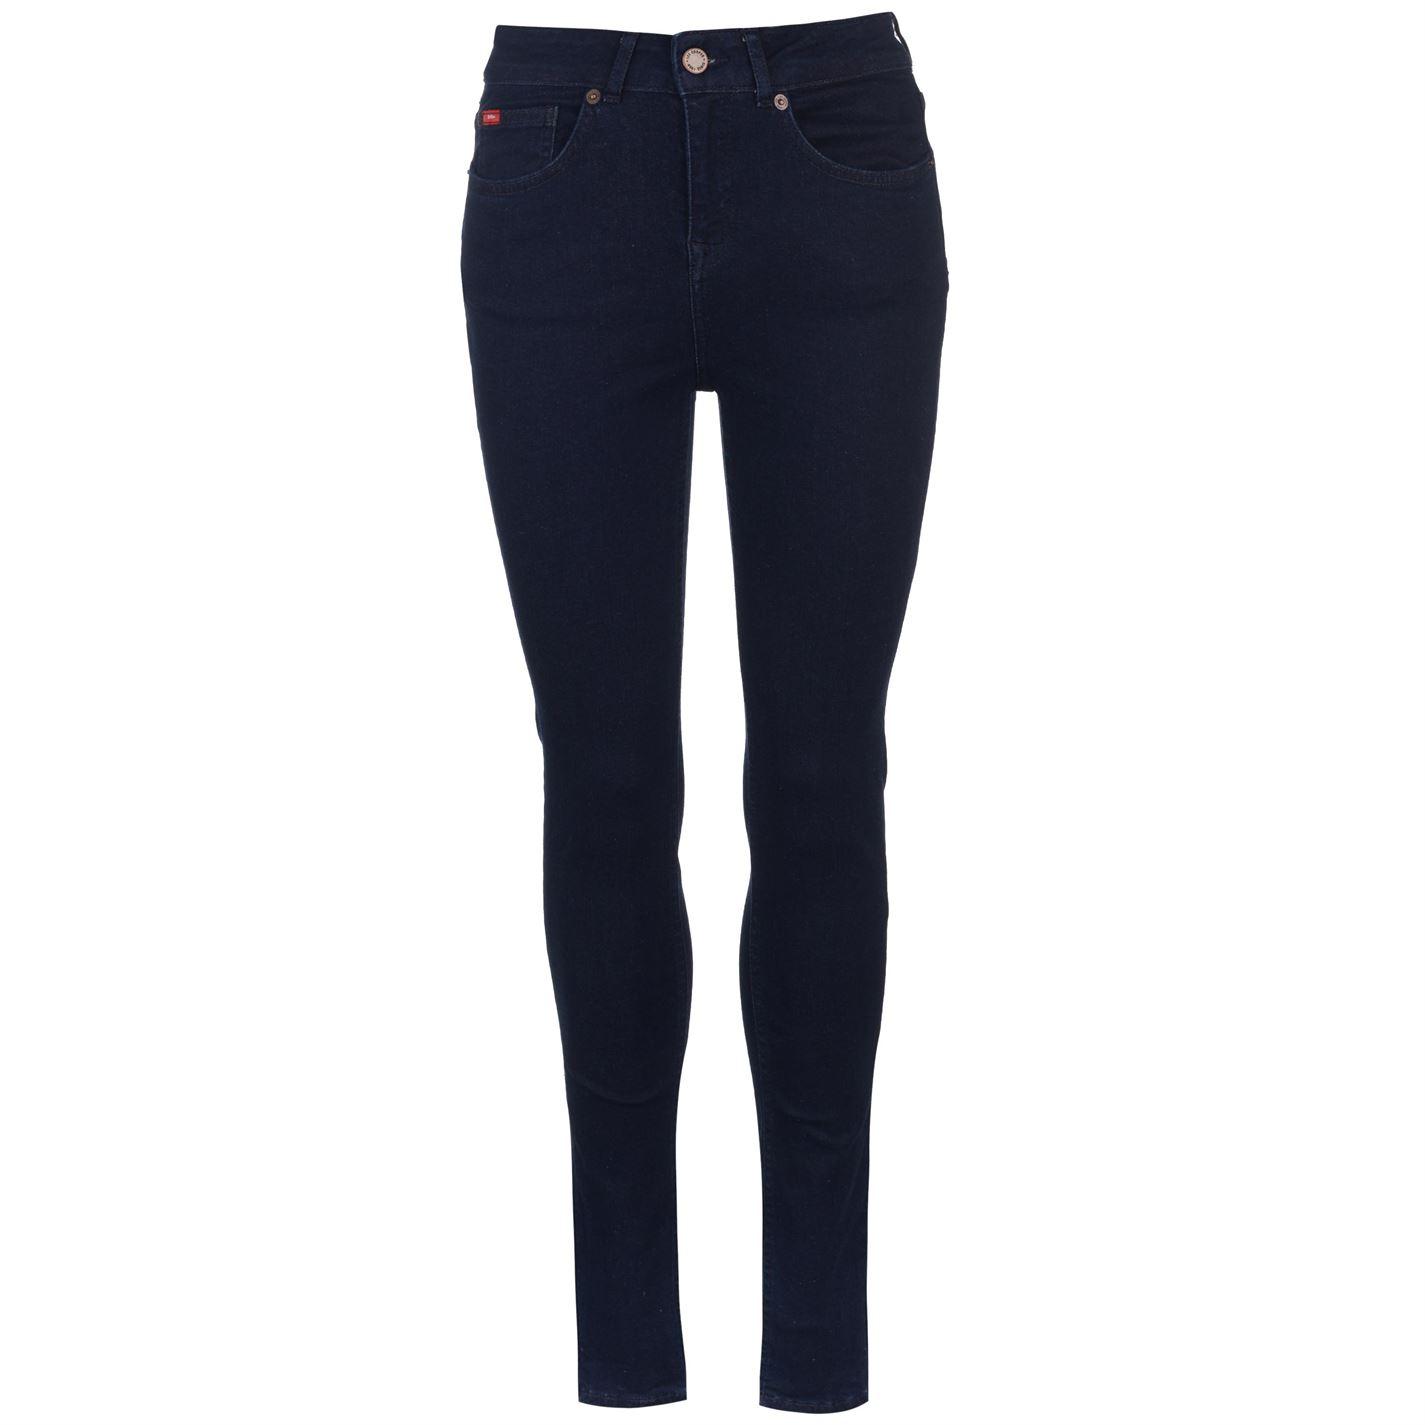 Lee Cooper Raw Pearl Slim Fit Ladies Jeans